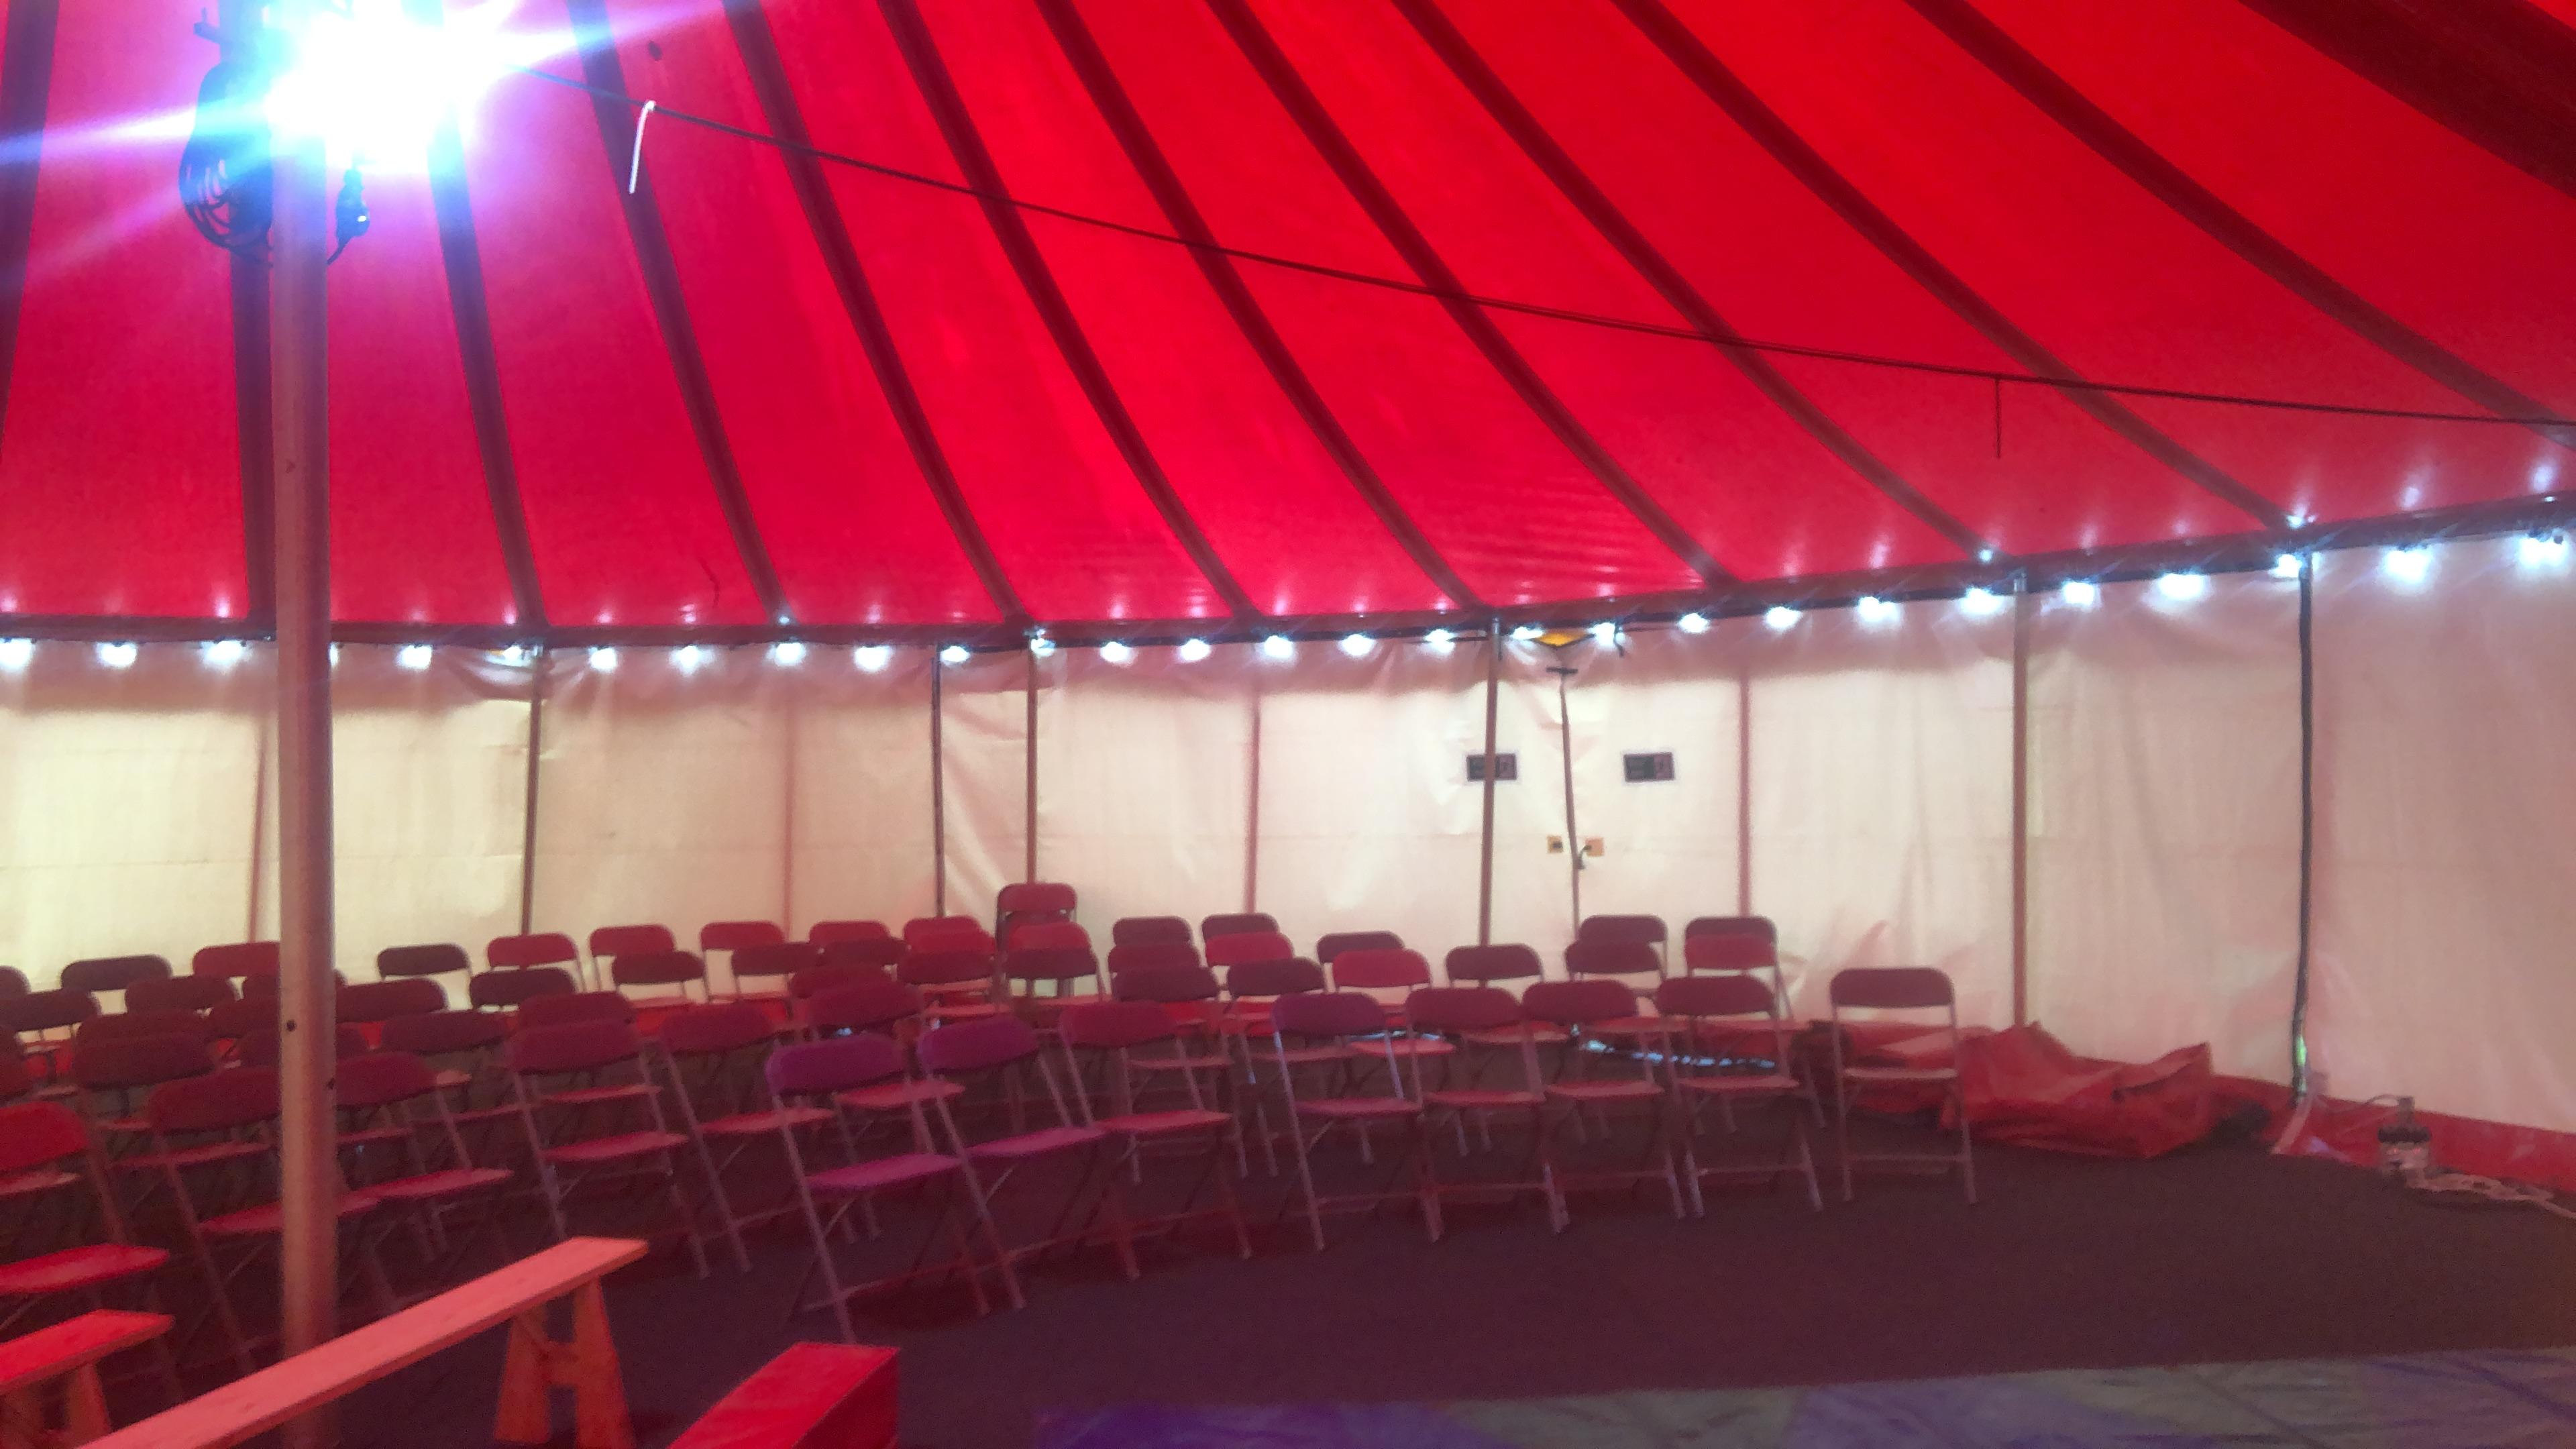 Big top circus show tent